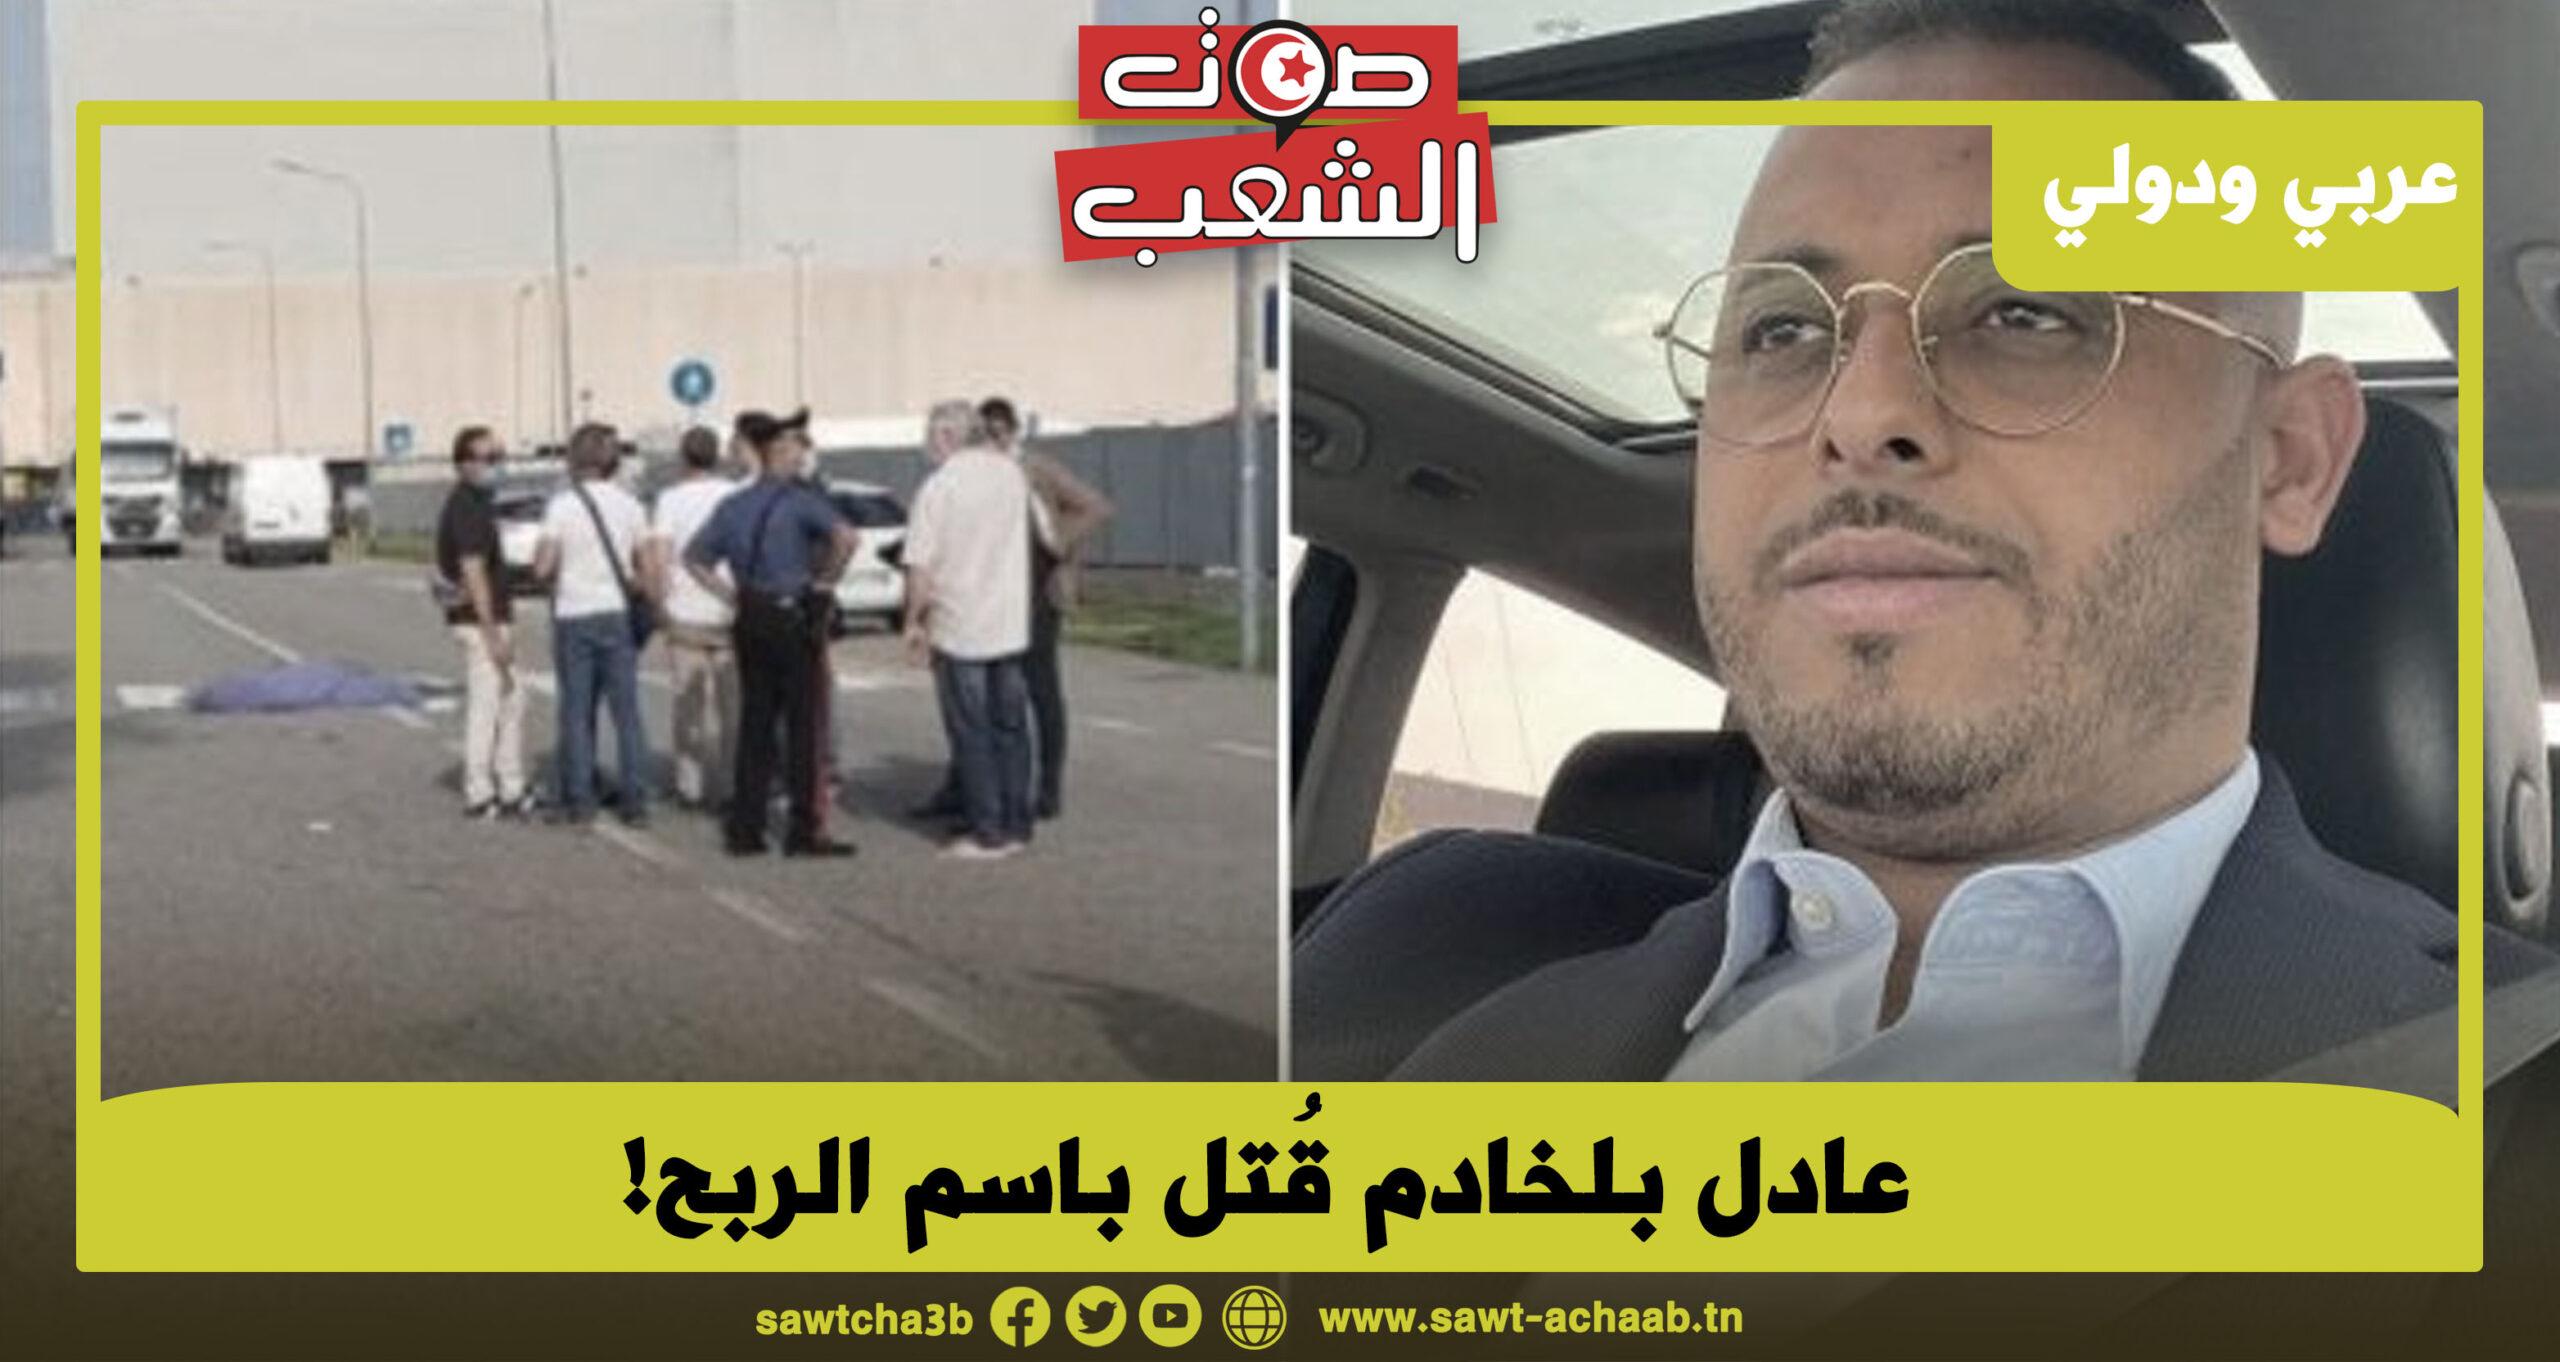 عادل بلخادم قُتل باسم الربح!